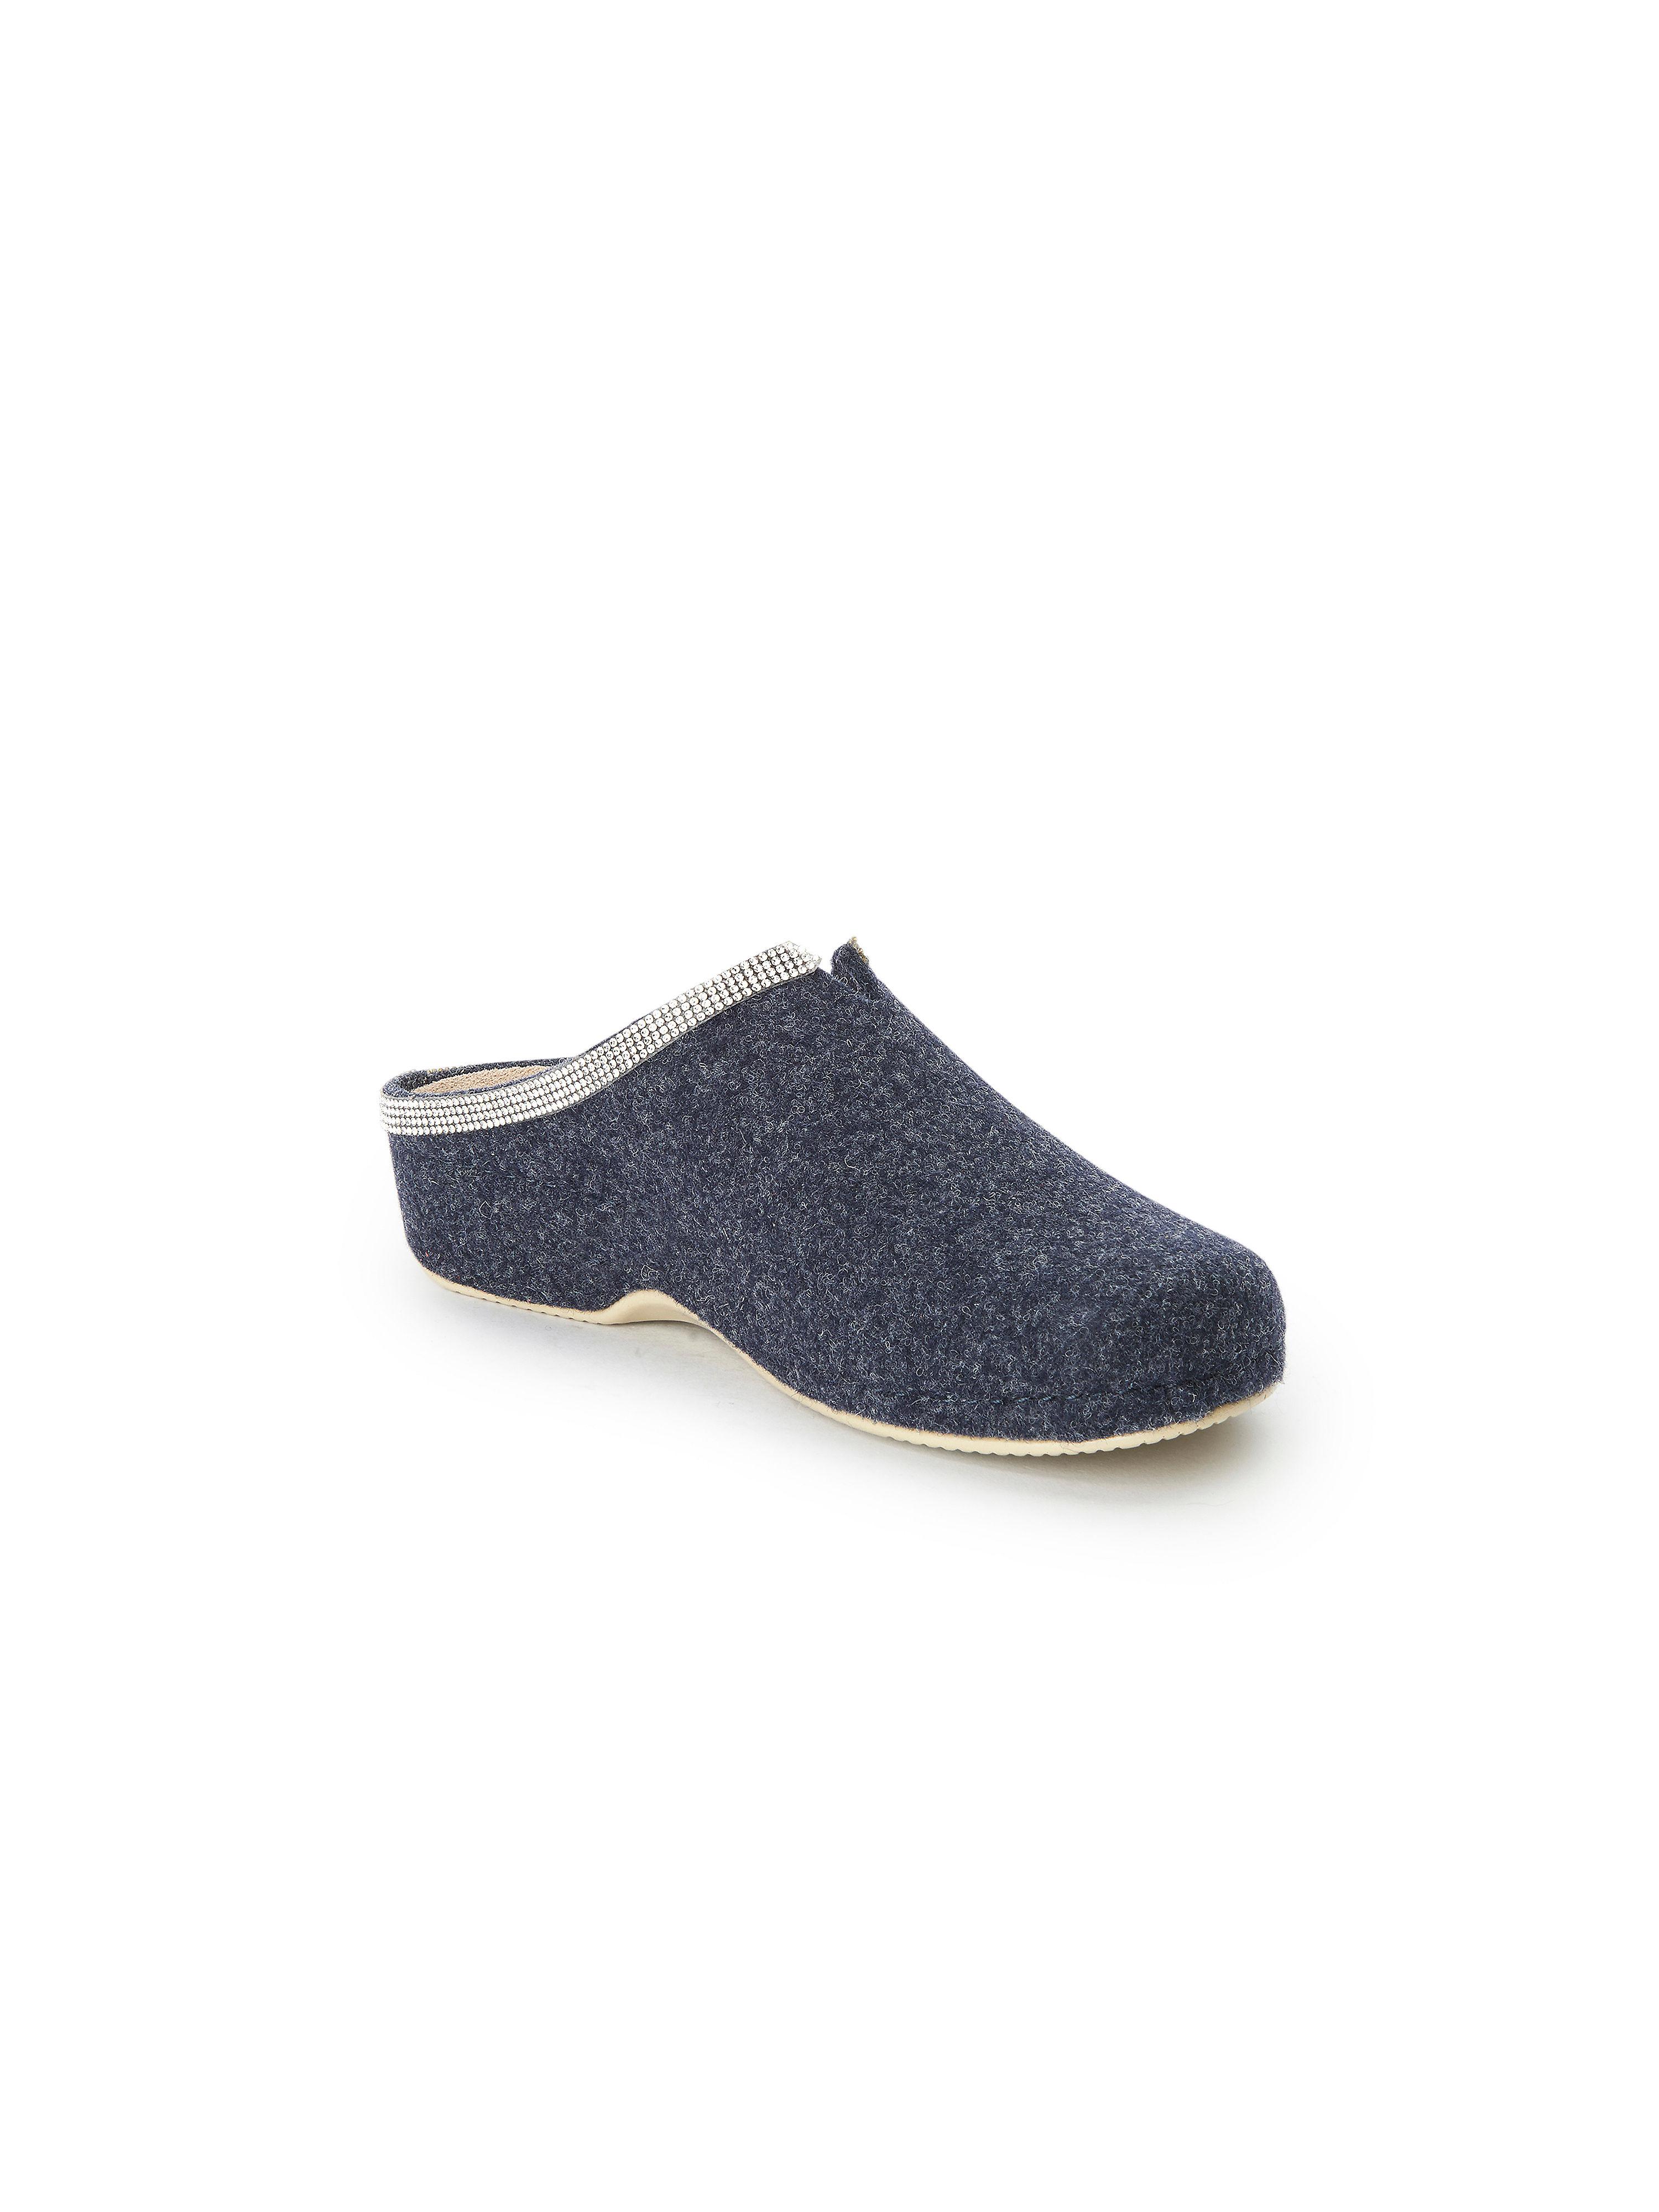 MUBB - Pantolette - Marine Gute Qualität beliebte Schuhe